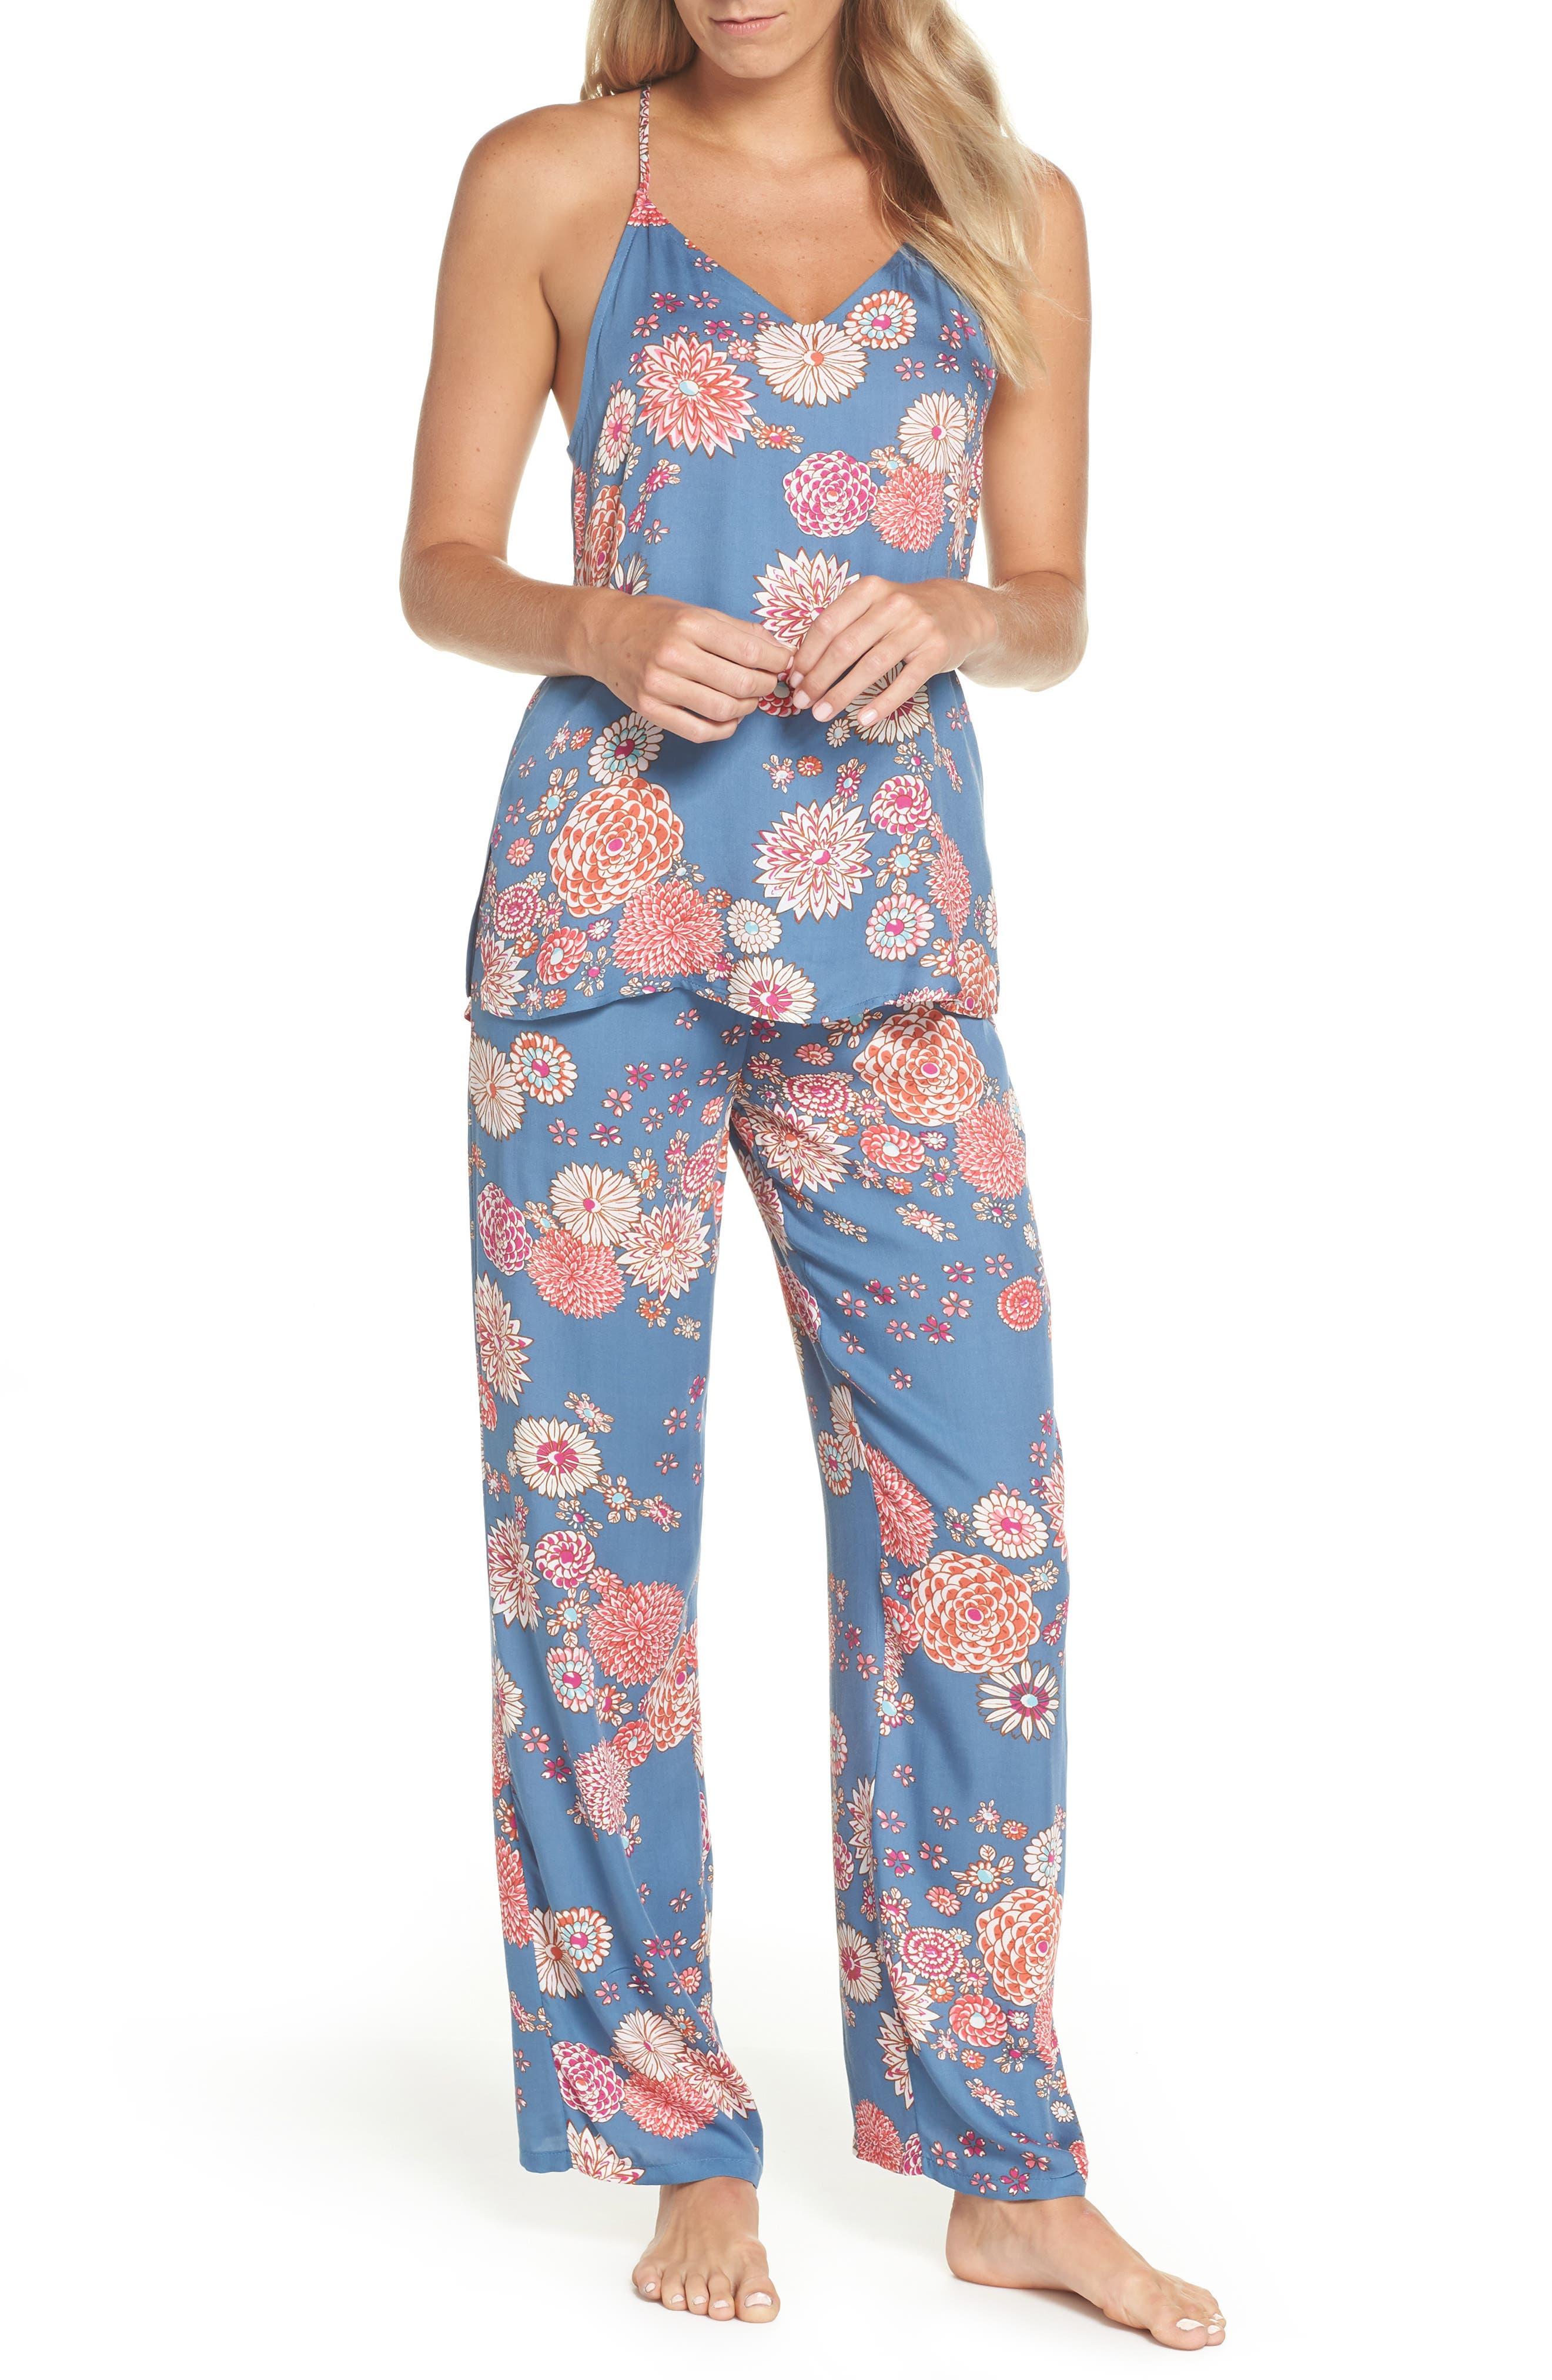 Floral Pajamas,                             Main thumbnail 1, color,                             Steallar Blue